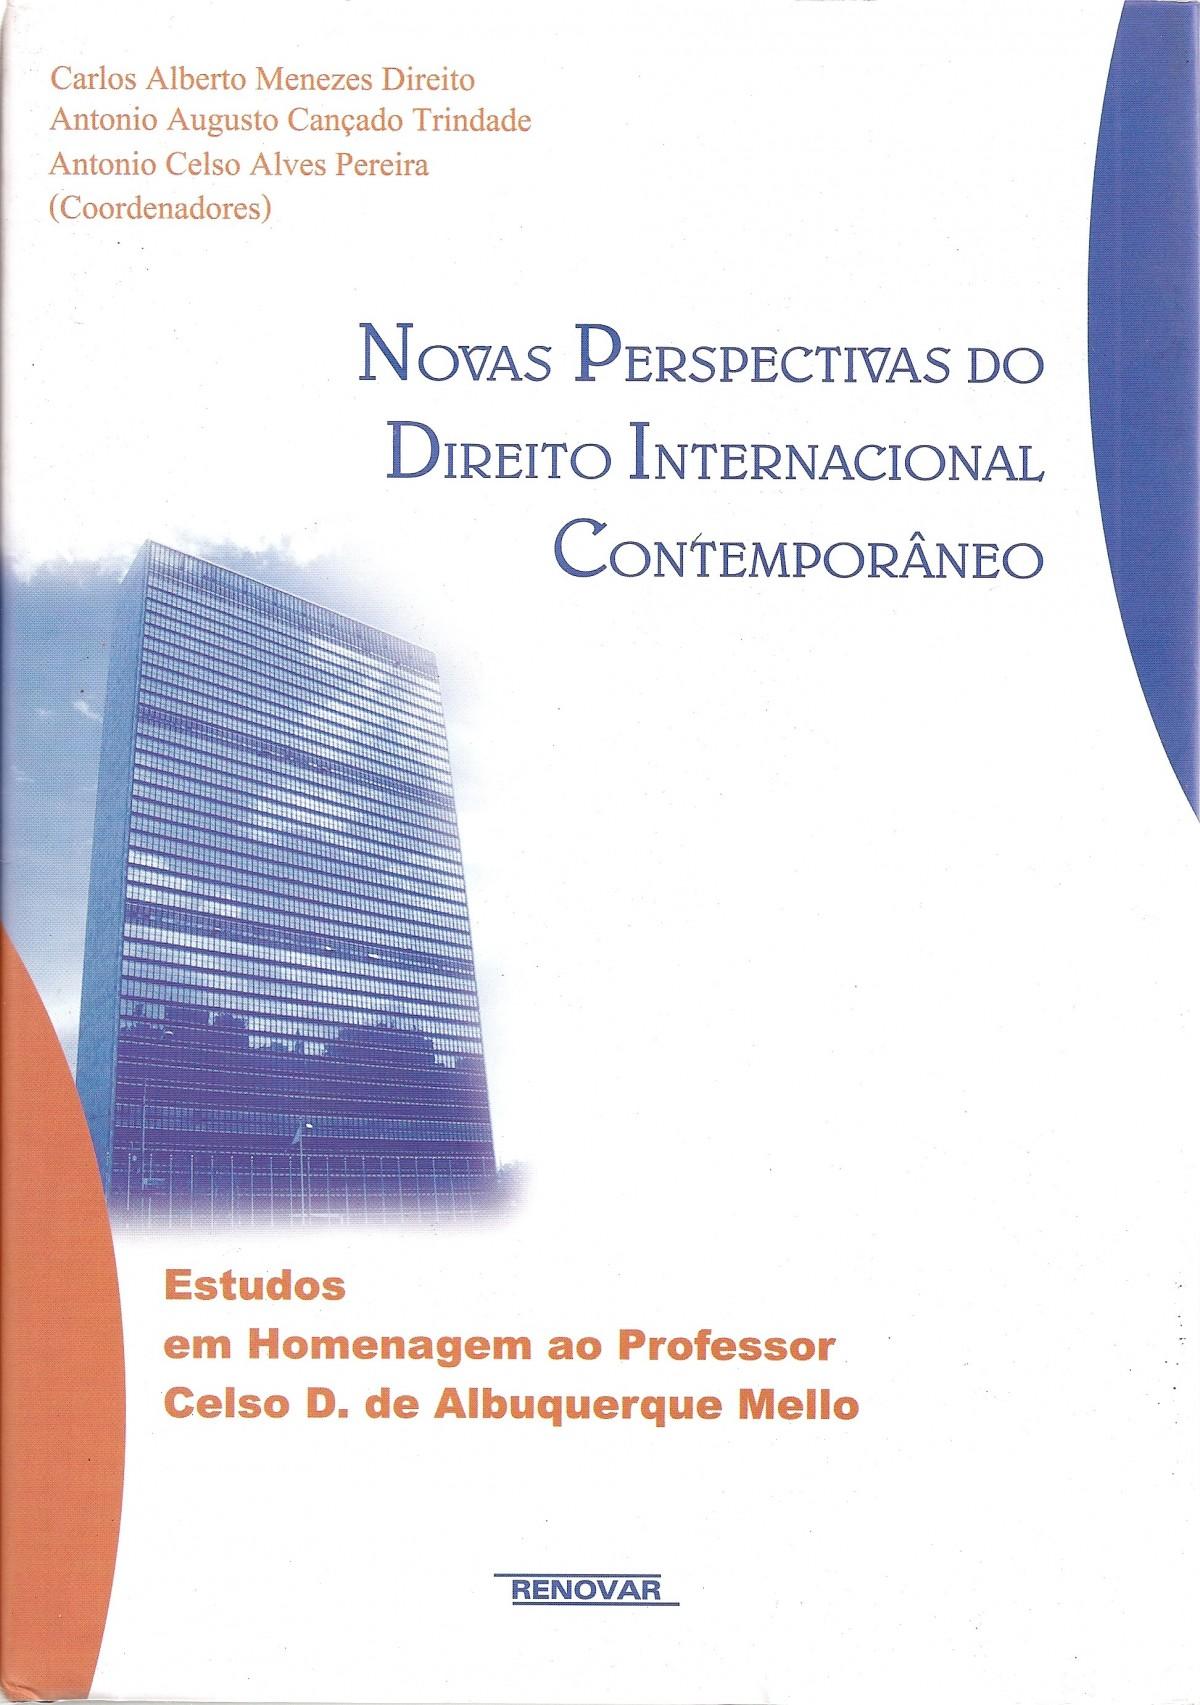 Foto 1 - Novas Perspectivas do Direito Internacional Contemporâneo